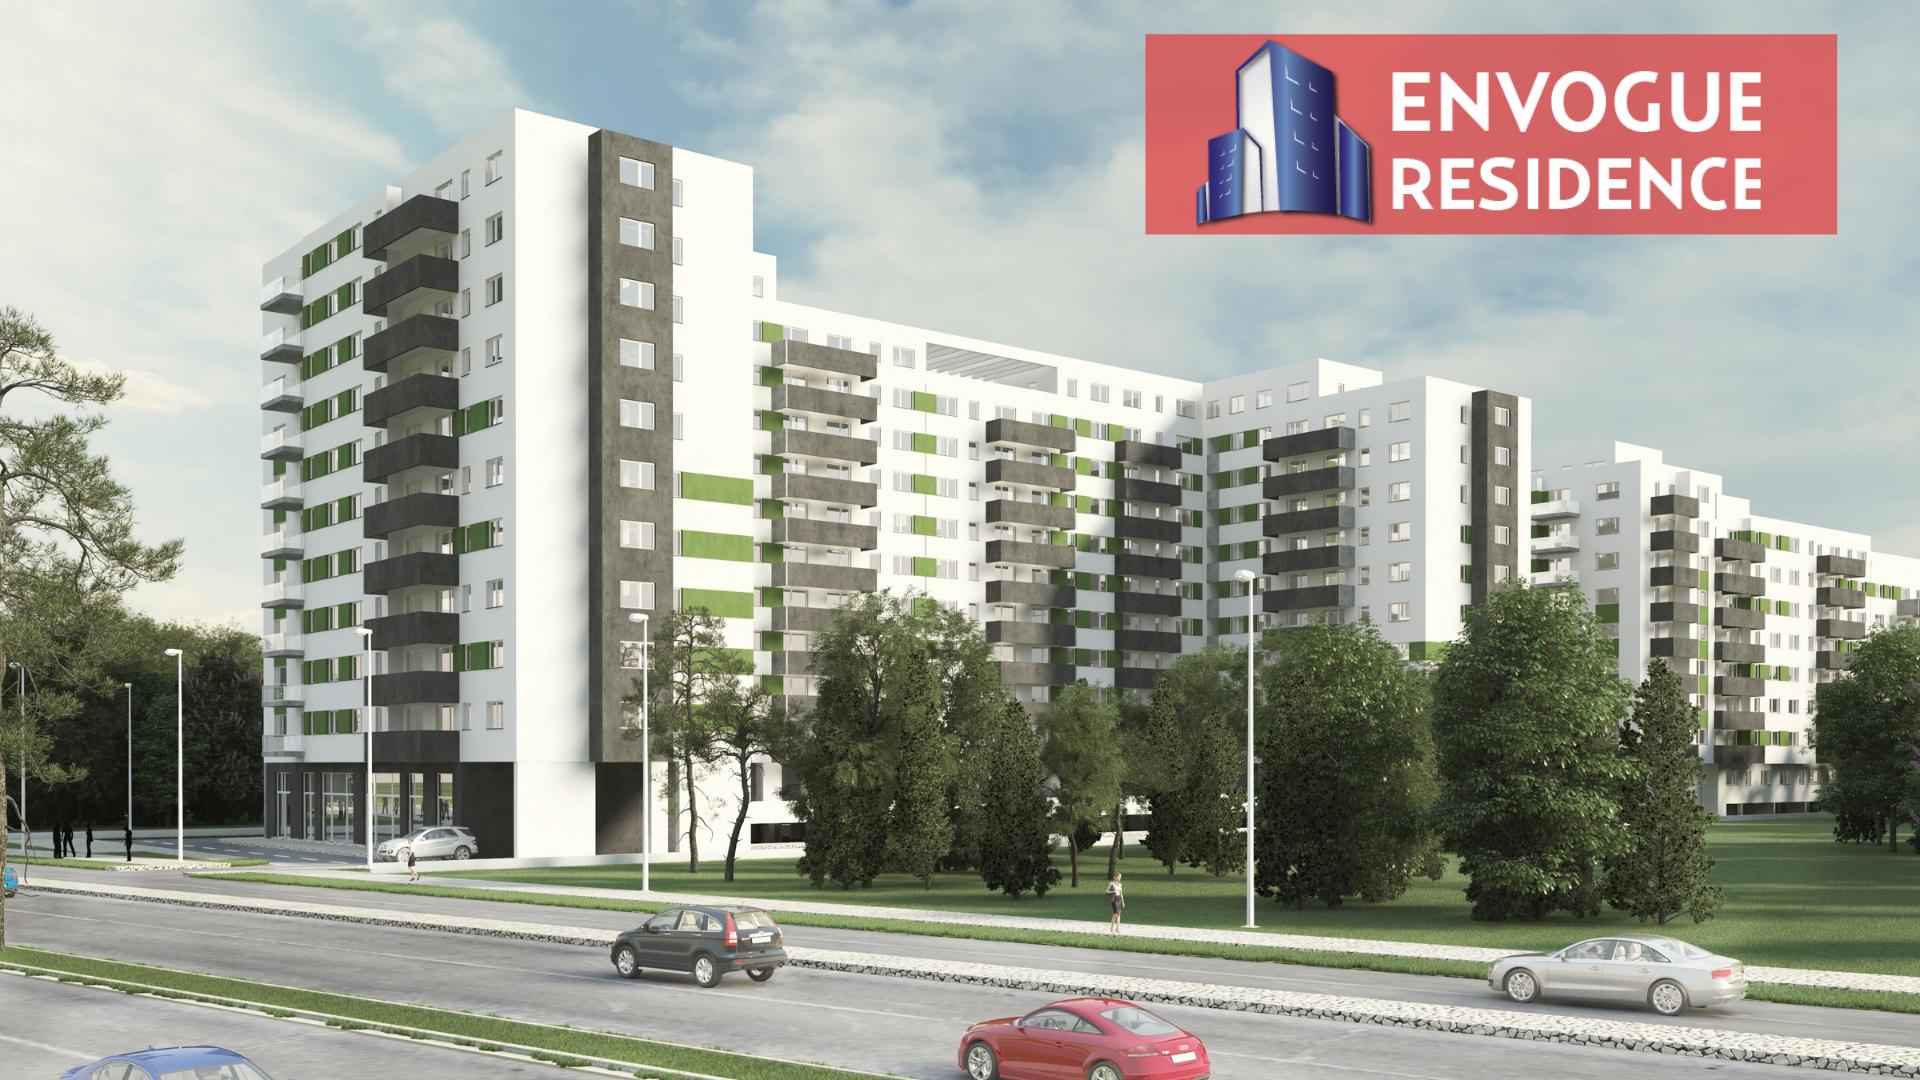 Comunicat de presă - drept la replică al proiectului EnVogue Residence